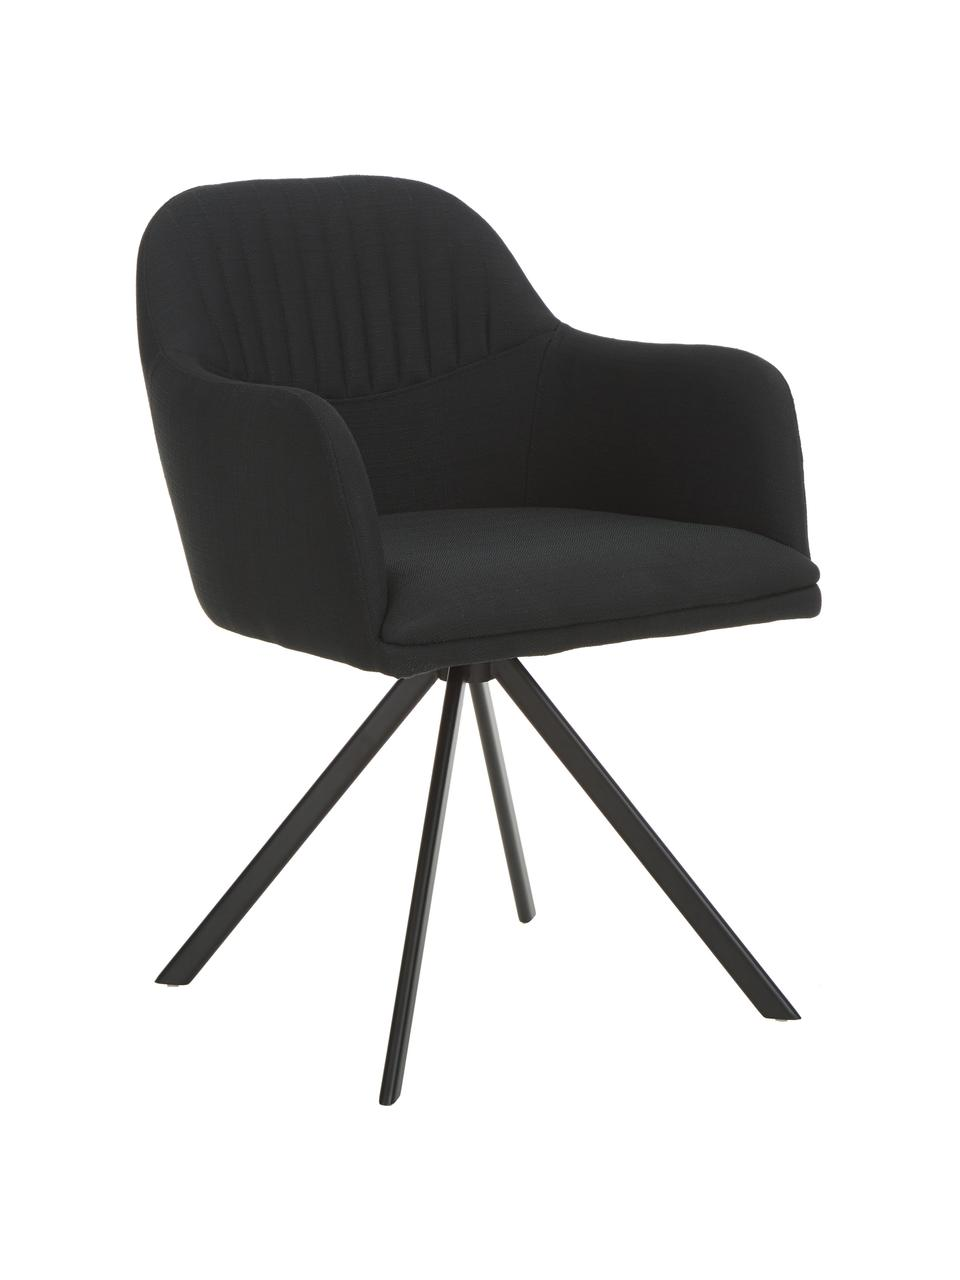 Obrotowe krzesło tapicerowane z podłokietnikami Lola, Tapicerka: poliester, Nogi: metal malowany proszkowo, Czarny, S 55 x G 52 cm